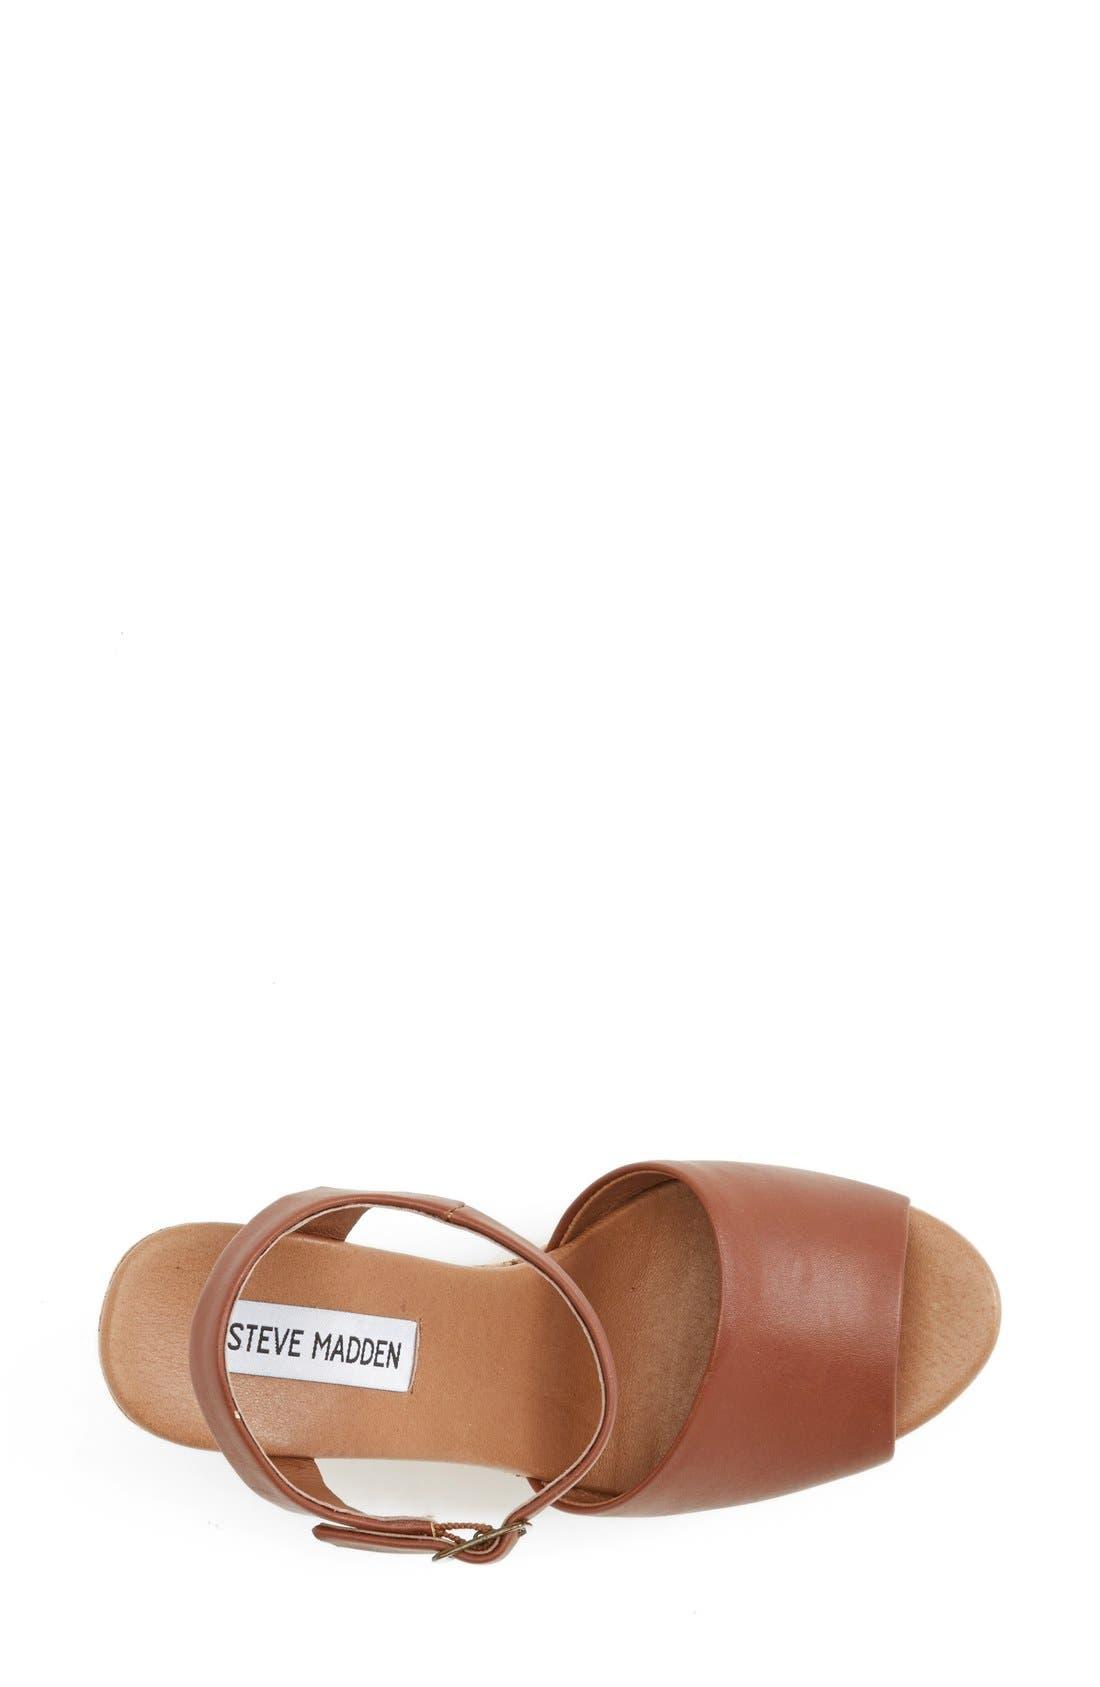 Alternate Image 3  - Steve Madden 'Korkey' Ankle Strap Wedge Platform Sandal (Women)